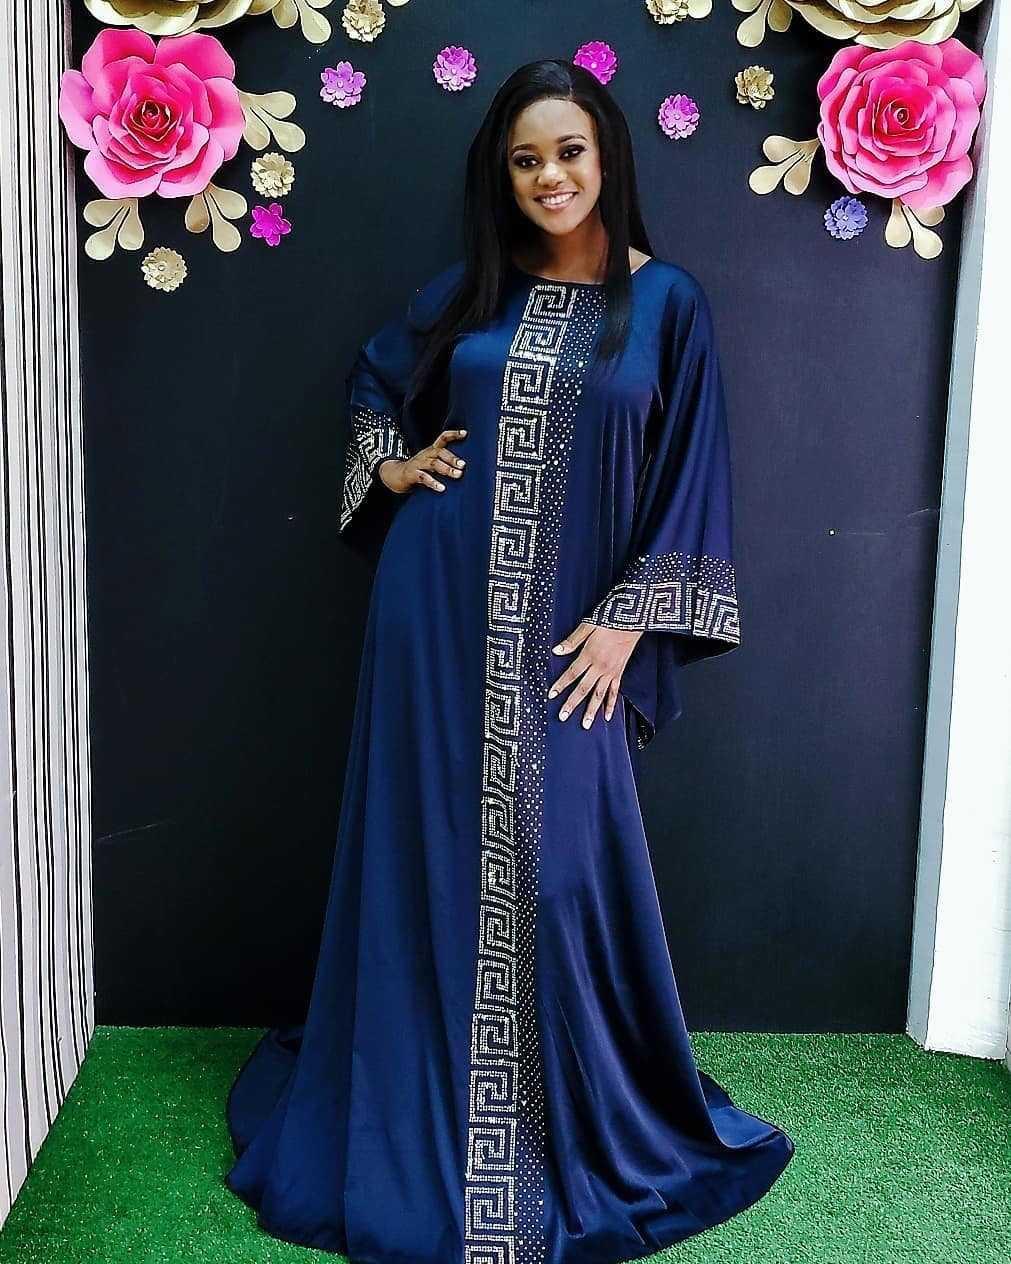 jJj3i étoiles drill femmes de style islamique musulman grande taille robe chaude femmes musulmanes style chaud de diamant de soie, comme Thwdt diamant